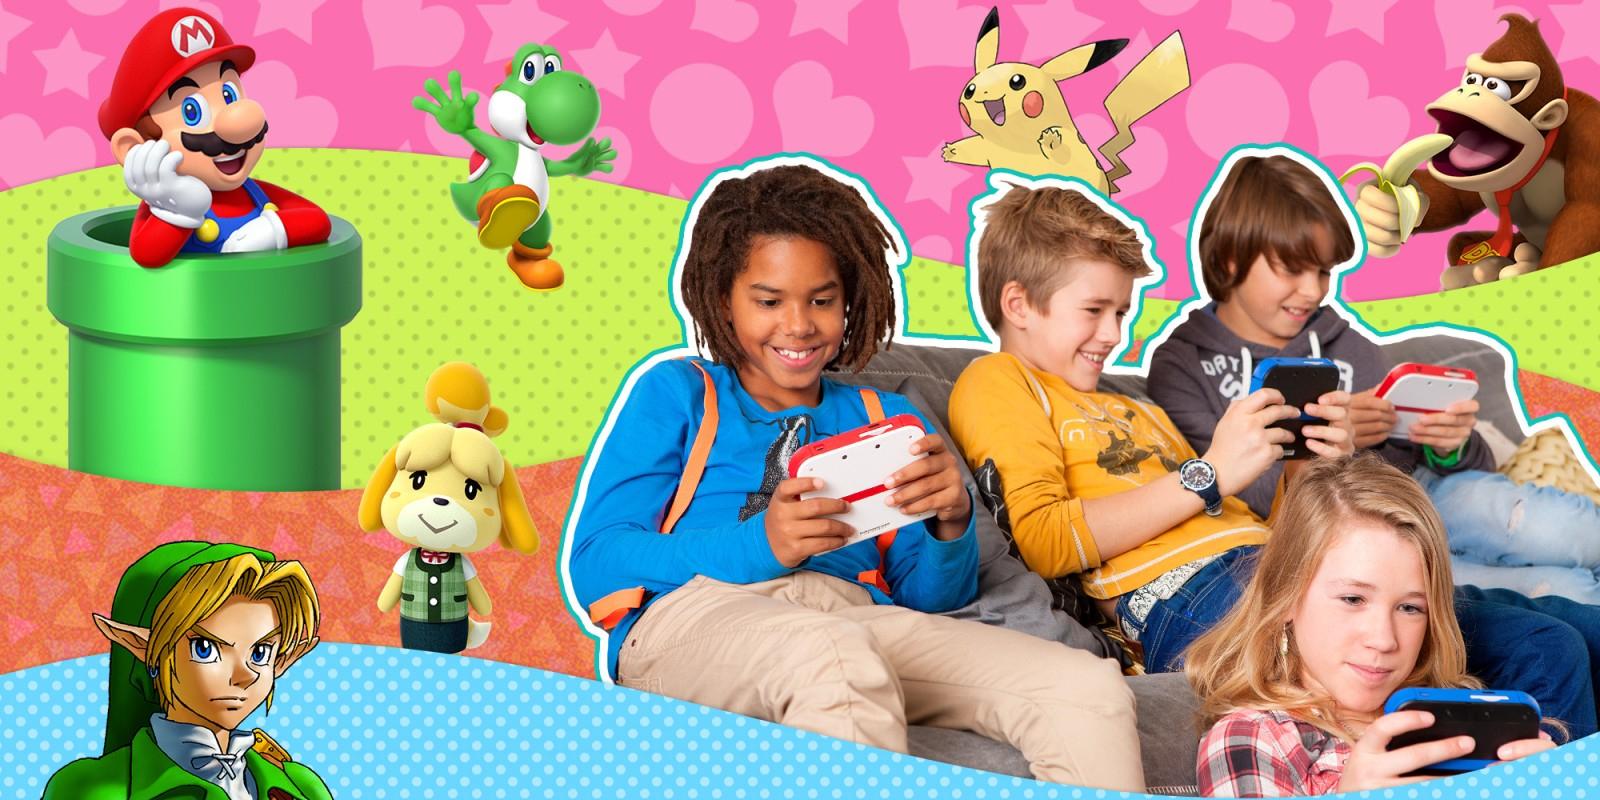 Jeux Nintendo Pour Les Enfants | Nintendo intérieur Jeux Gratuits Pour Enfants De 3 Ans